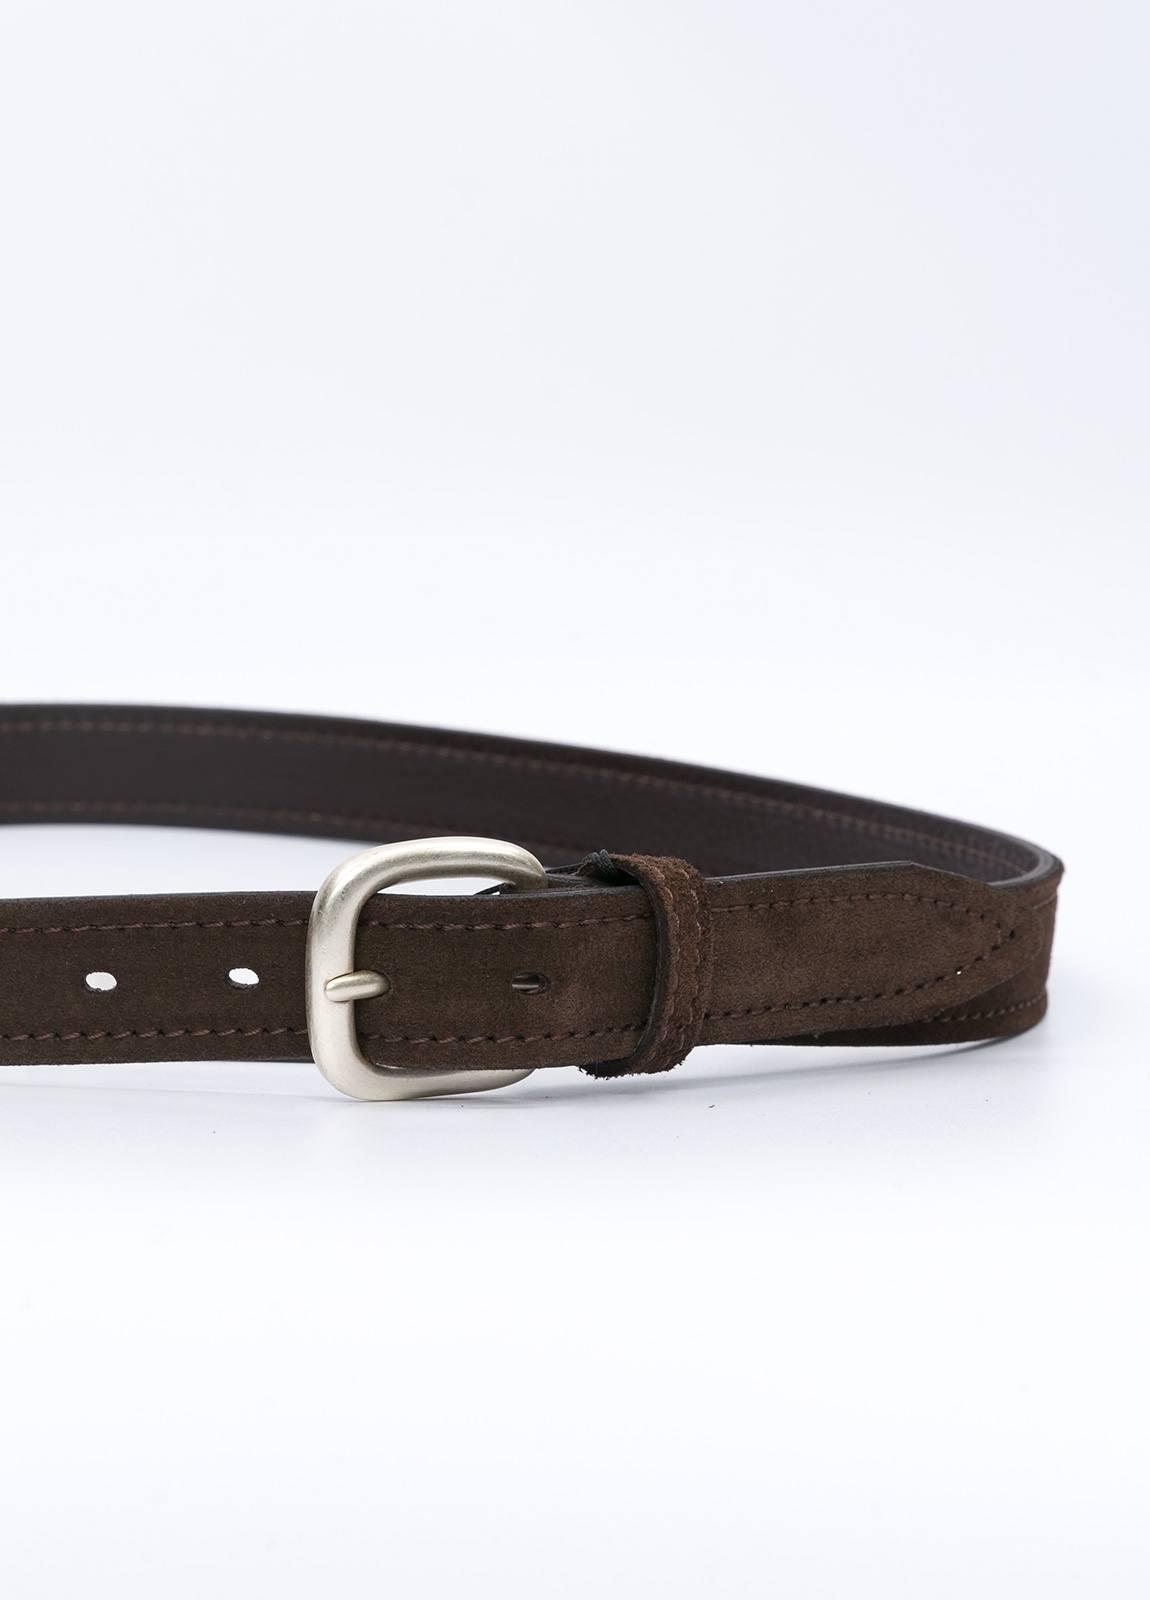 Cinturón sport piel liso color marrón. 100% Piel serraje. - Ítem1